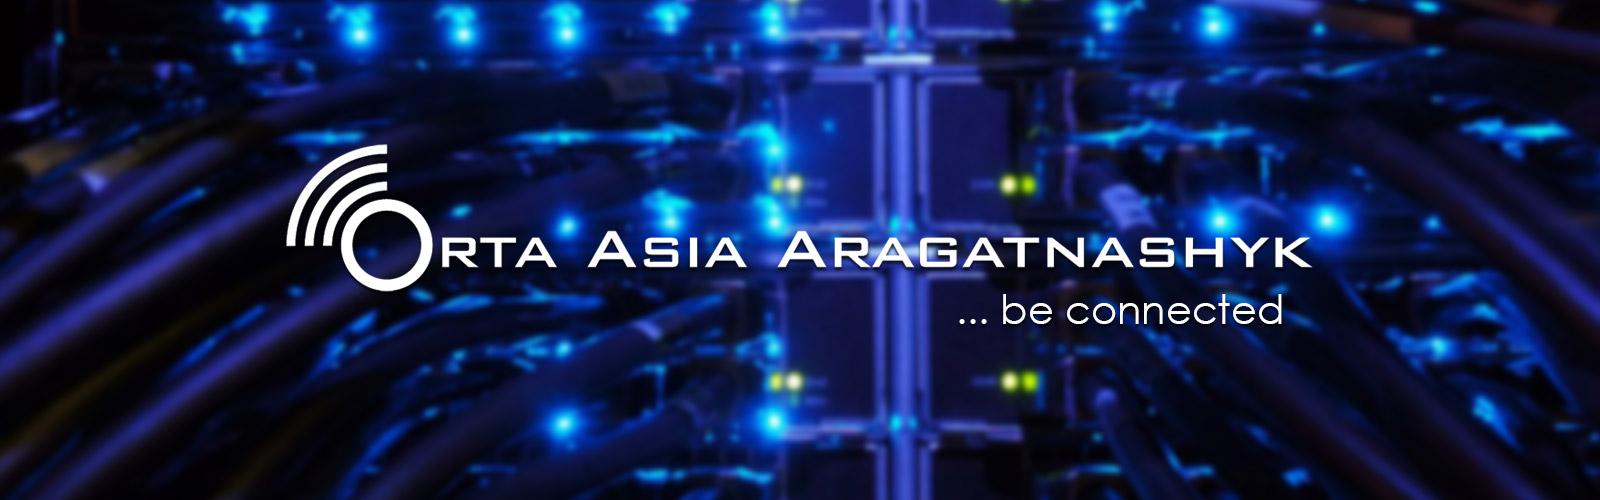 Orta Asia Aragatnashyk